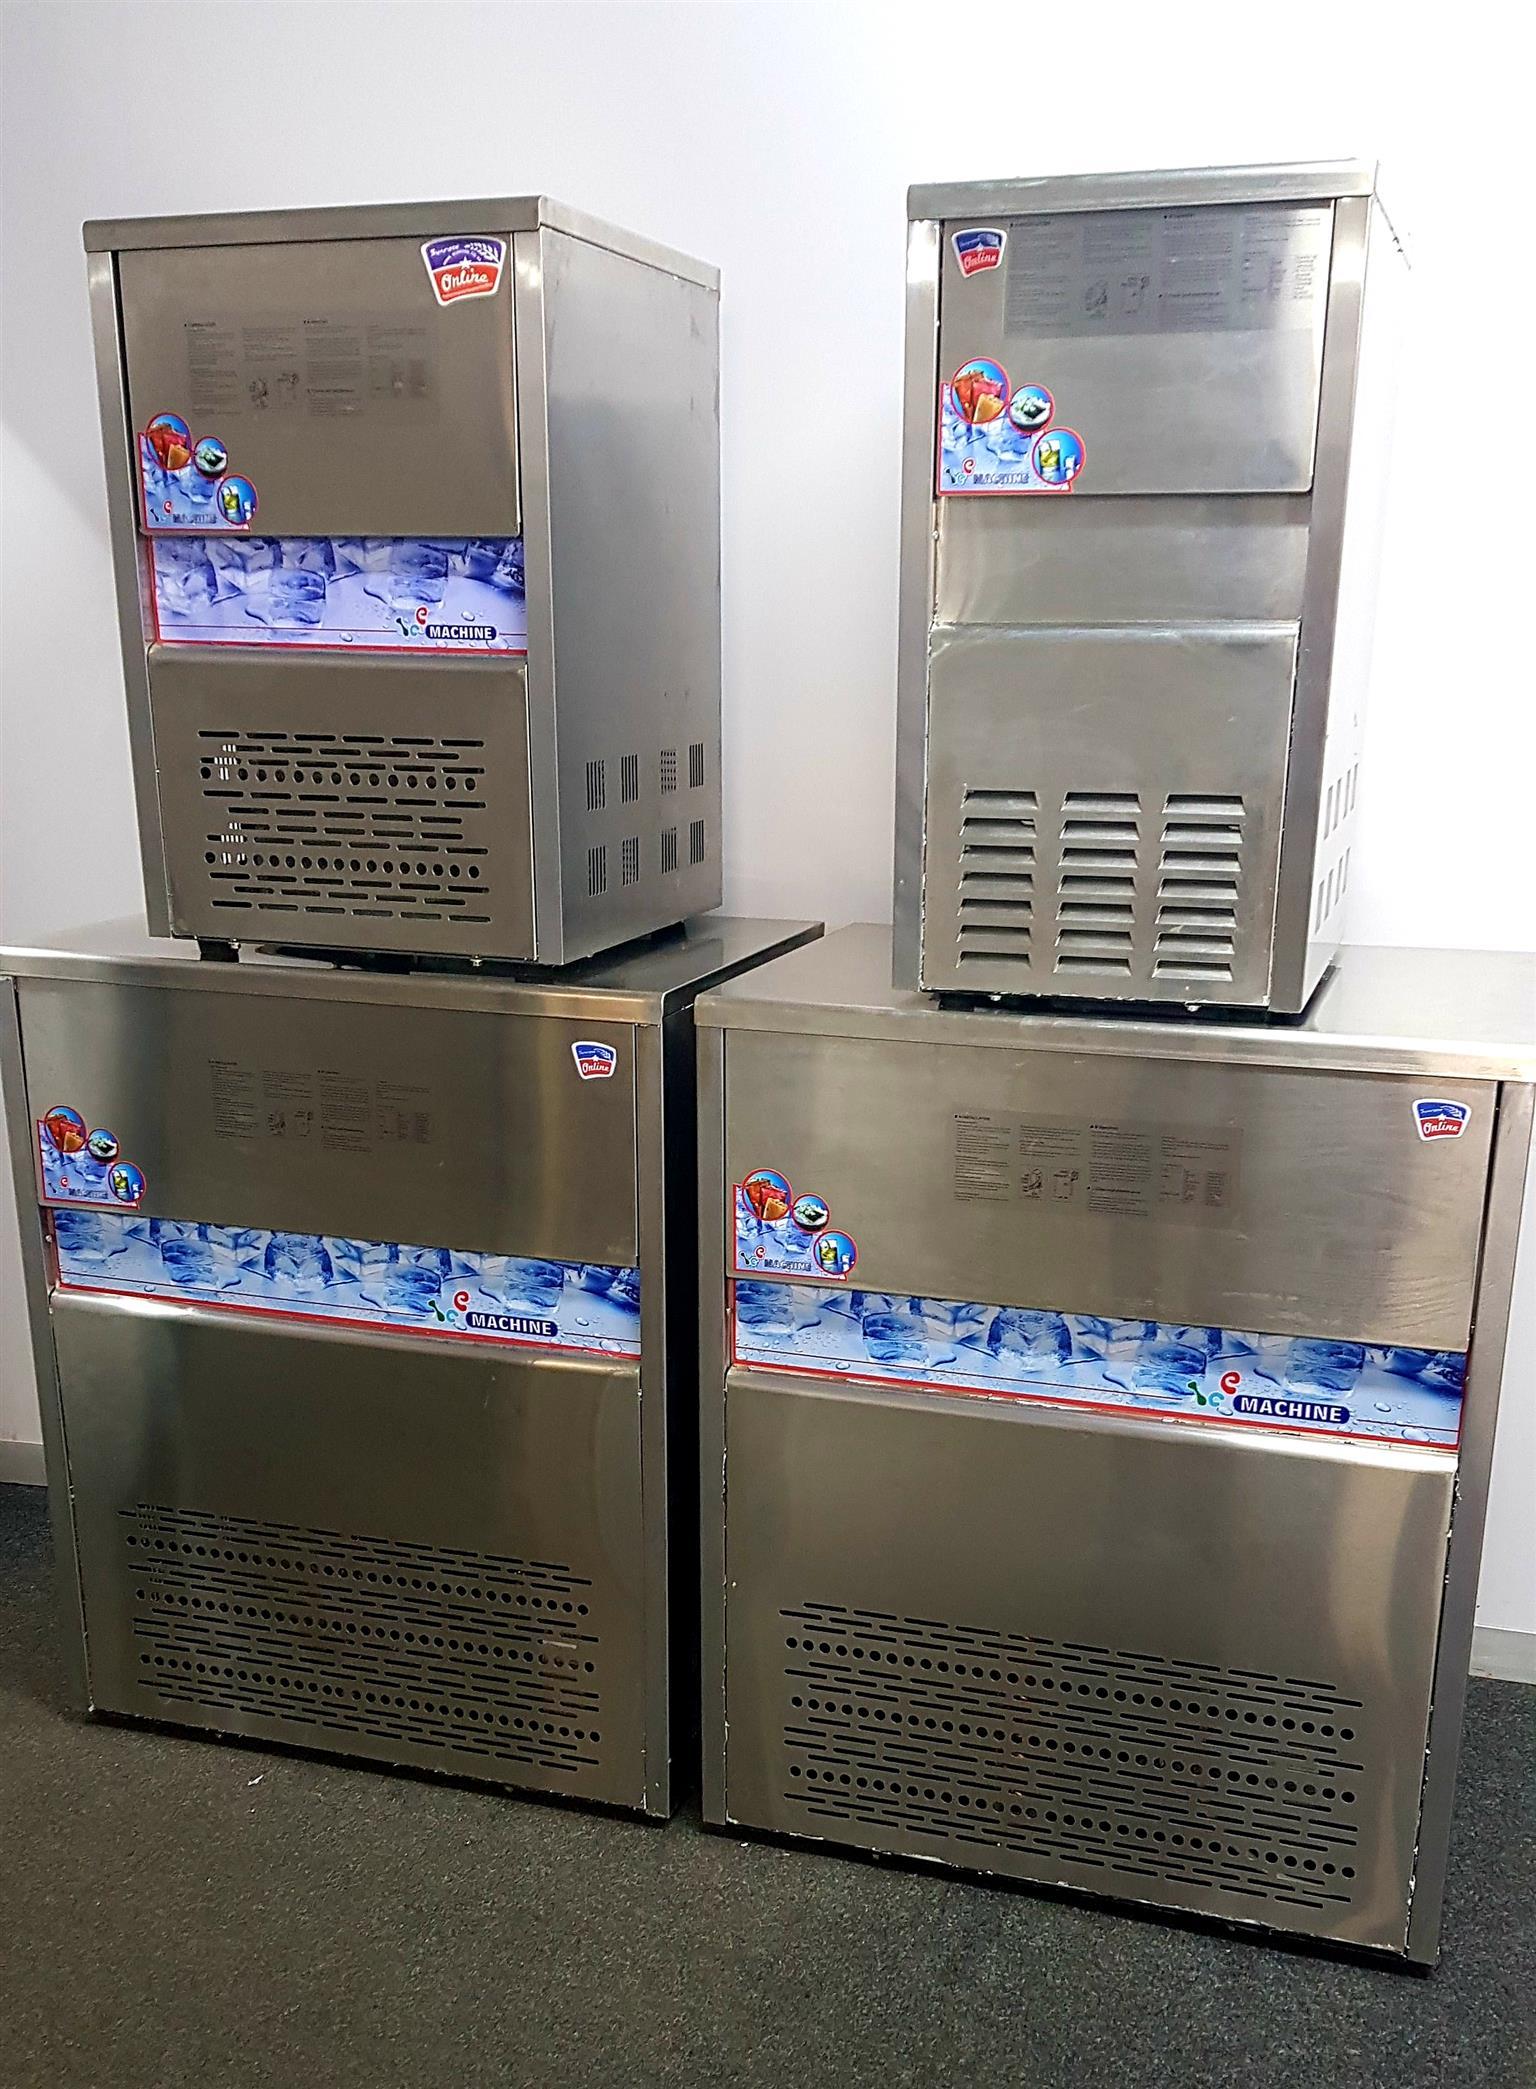 ICE CREAM MACHINE – ICE CREAM MAKER – ICE CREAM MACHINE FOR SALE – ICE CREAM MACHINES PRICE – SOFT SERVE MACHINE